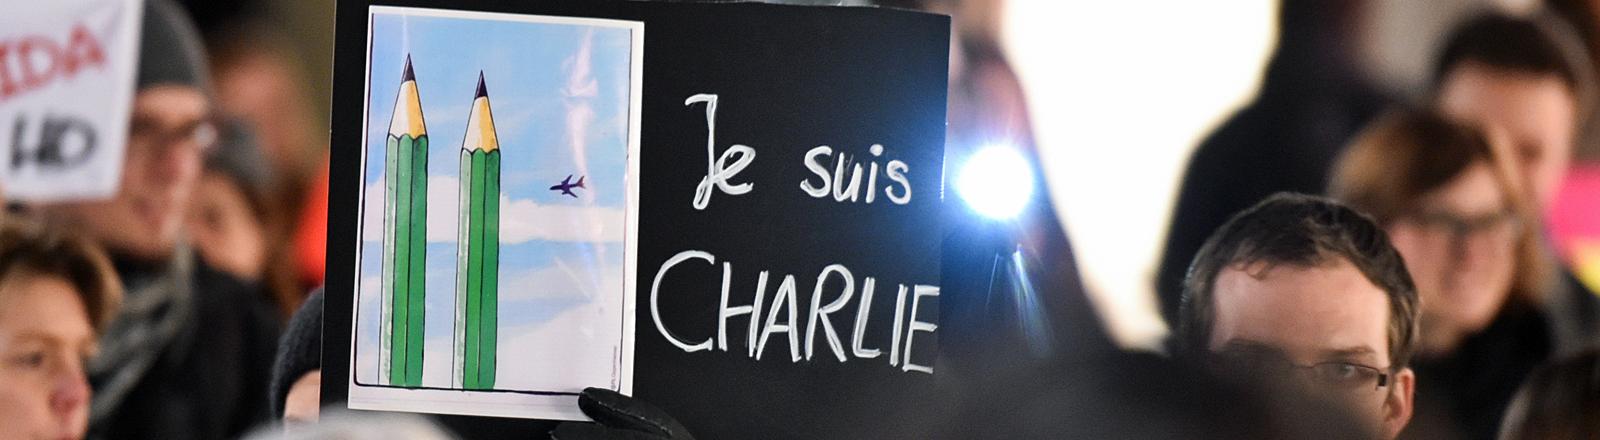 """Teilnehmer der Initiative """"NOGIDA"""" halten am 12.01.2015 in Heidelberg bei einer Kundgebung in der Innenstadt ein Plakat mit einer Karikatur und der Aufschrift """"Je suis Charlie"""" in die Höhe."""